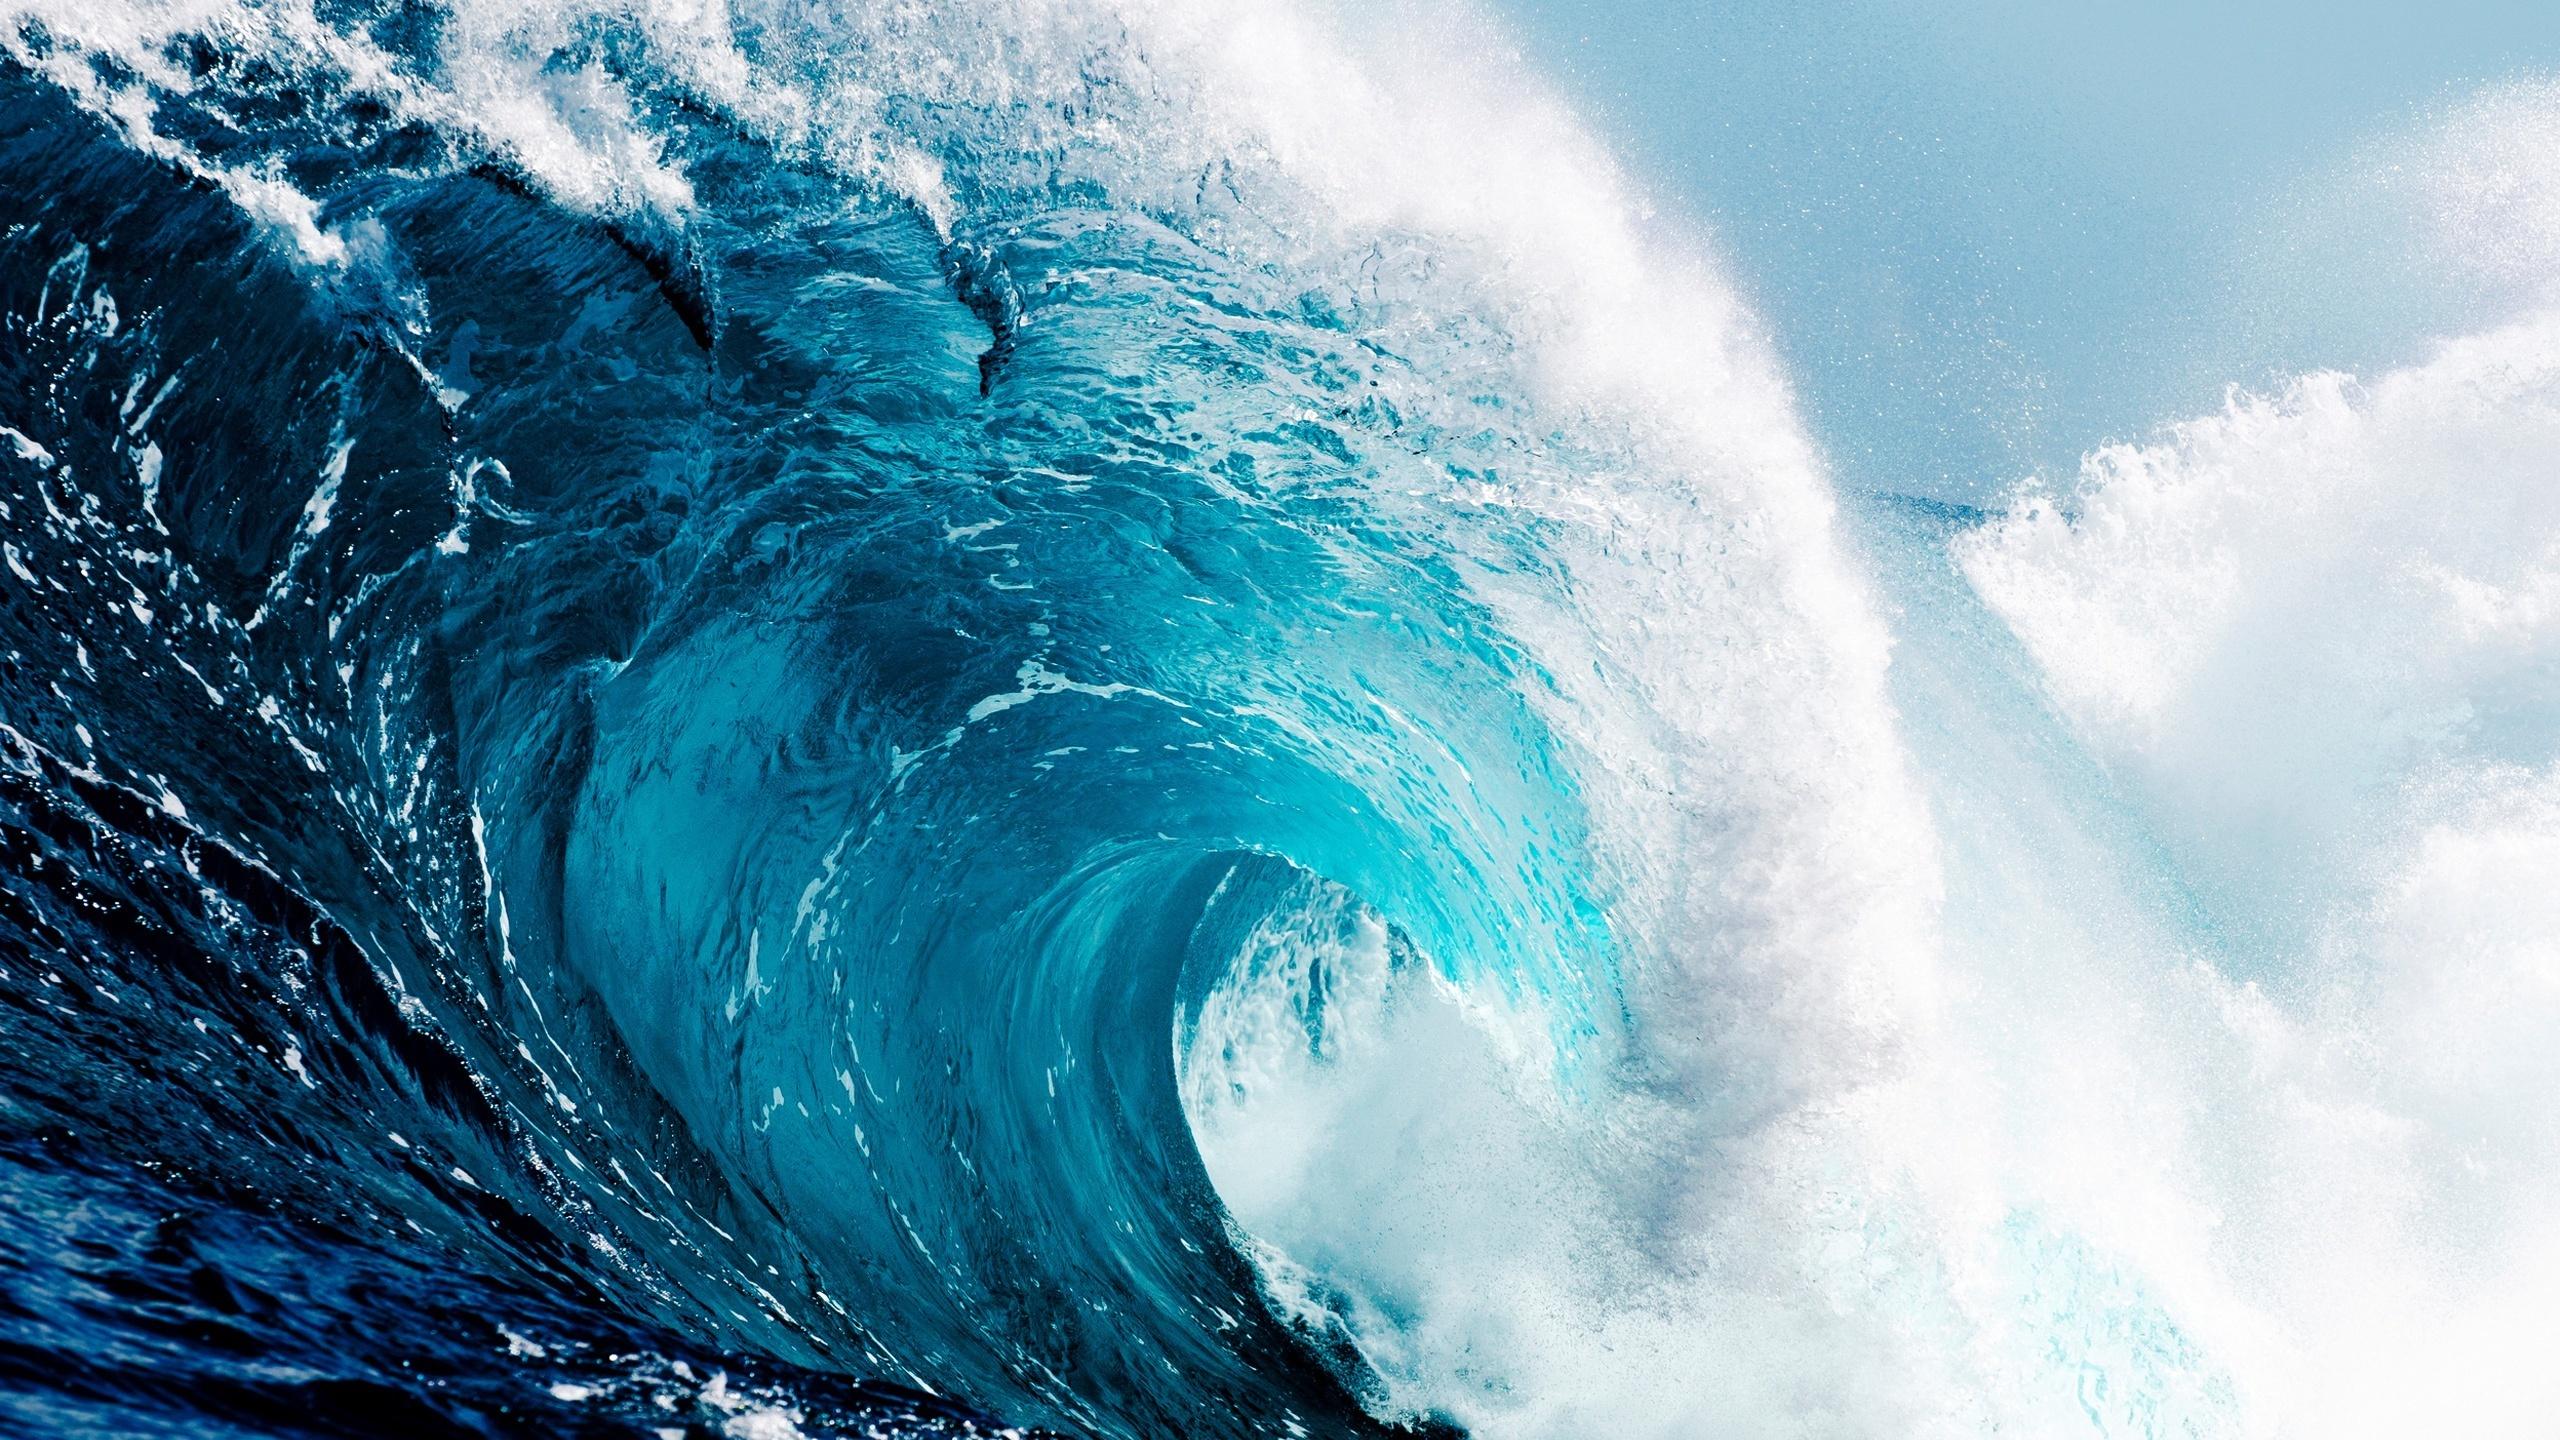 этой воды мирового океана картинки песку рознь, как